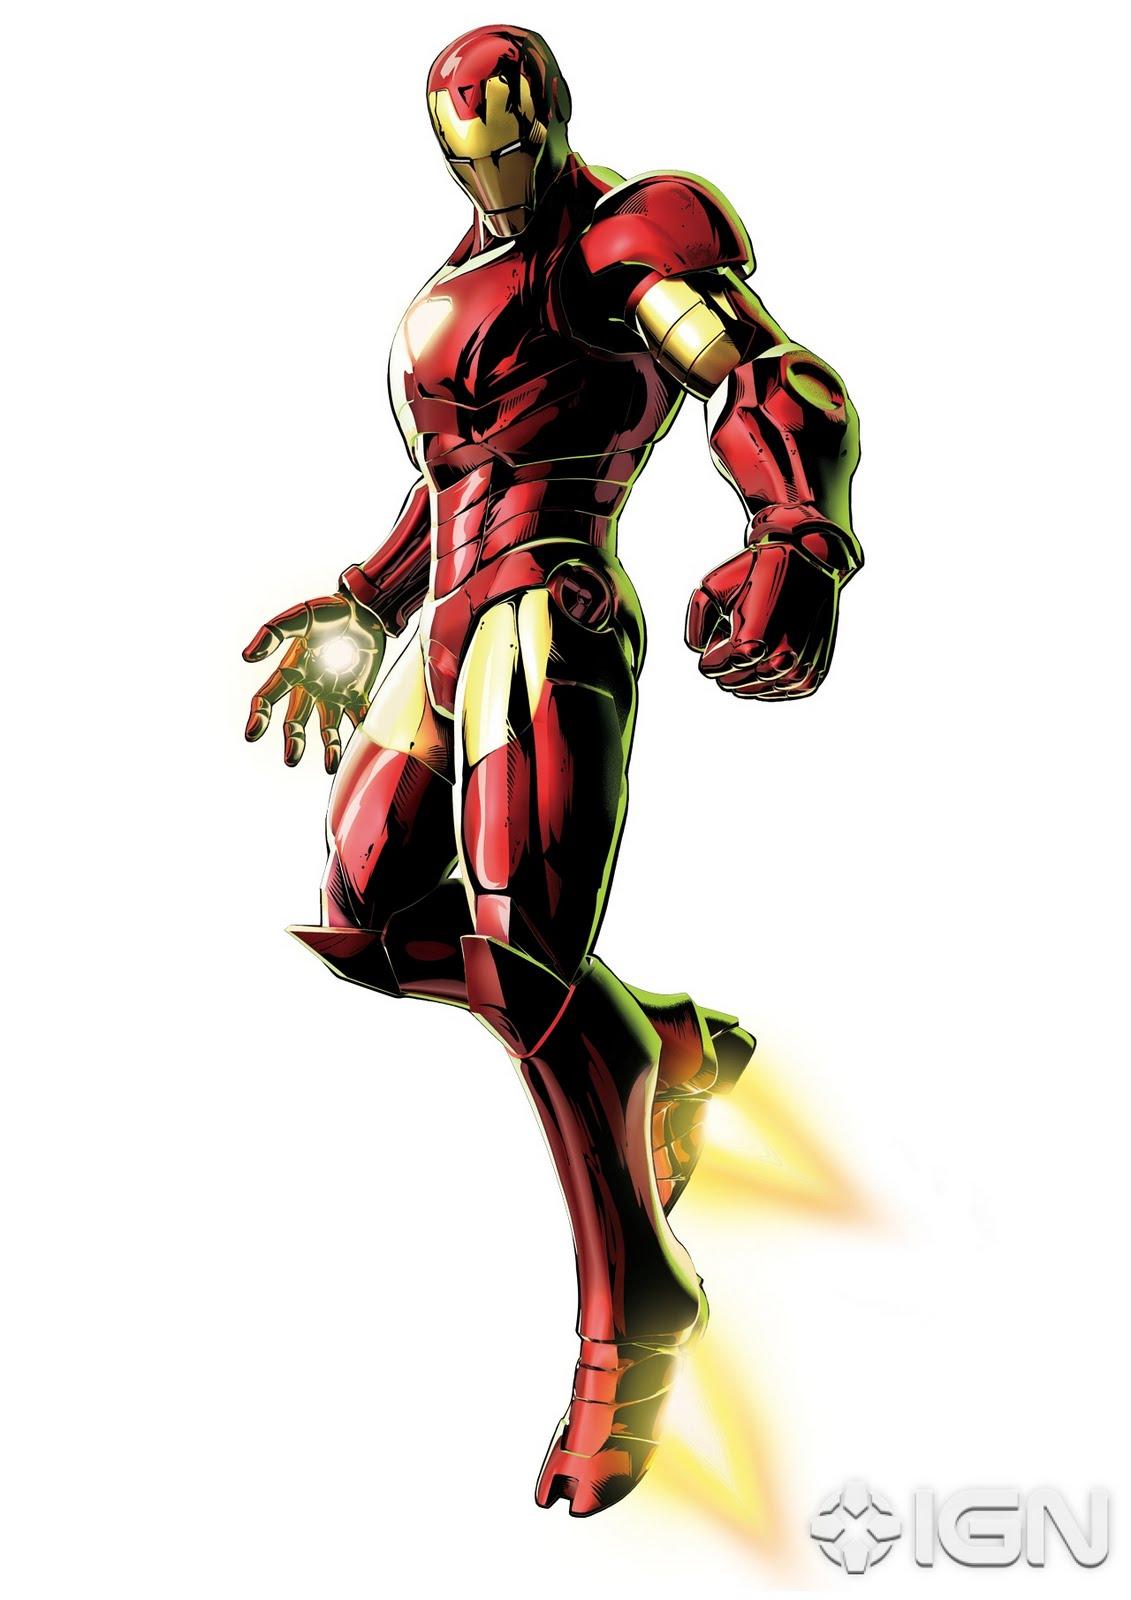 Heróis da capcom e os super heróis do universo marvel após uma